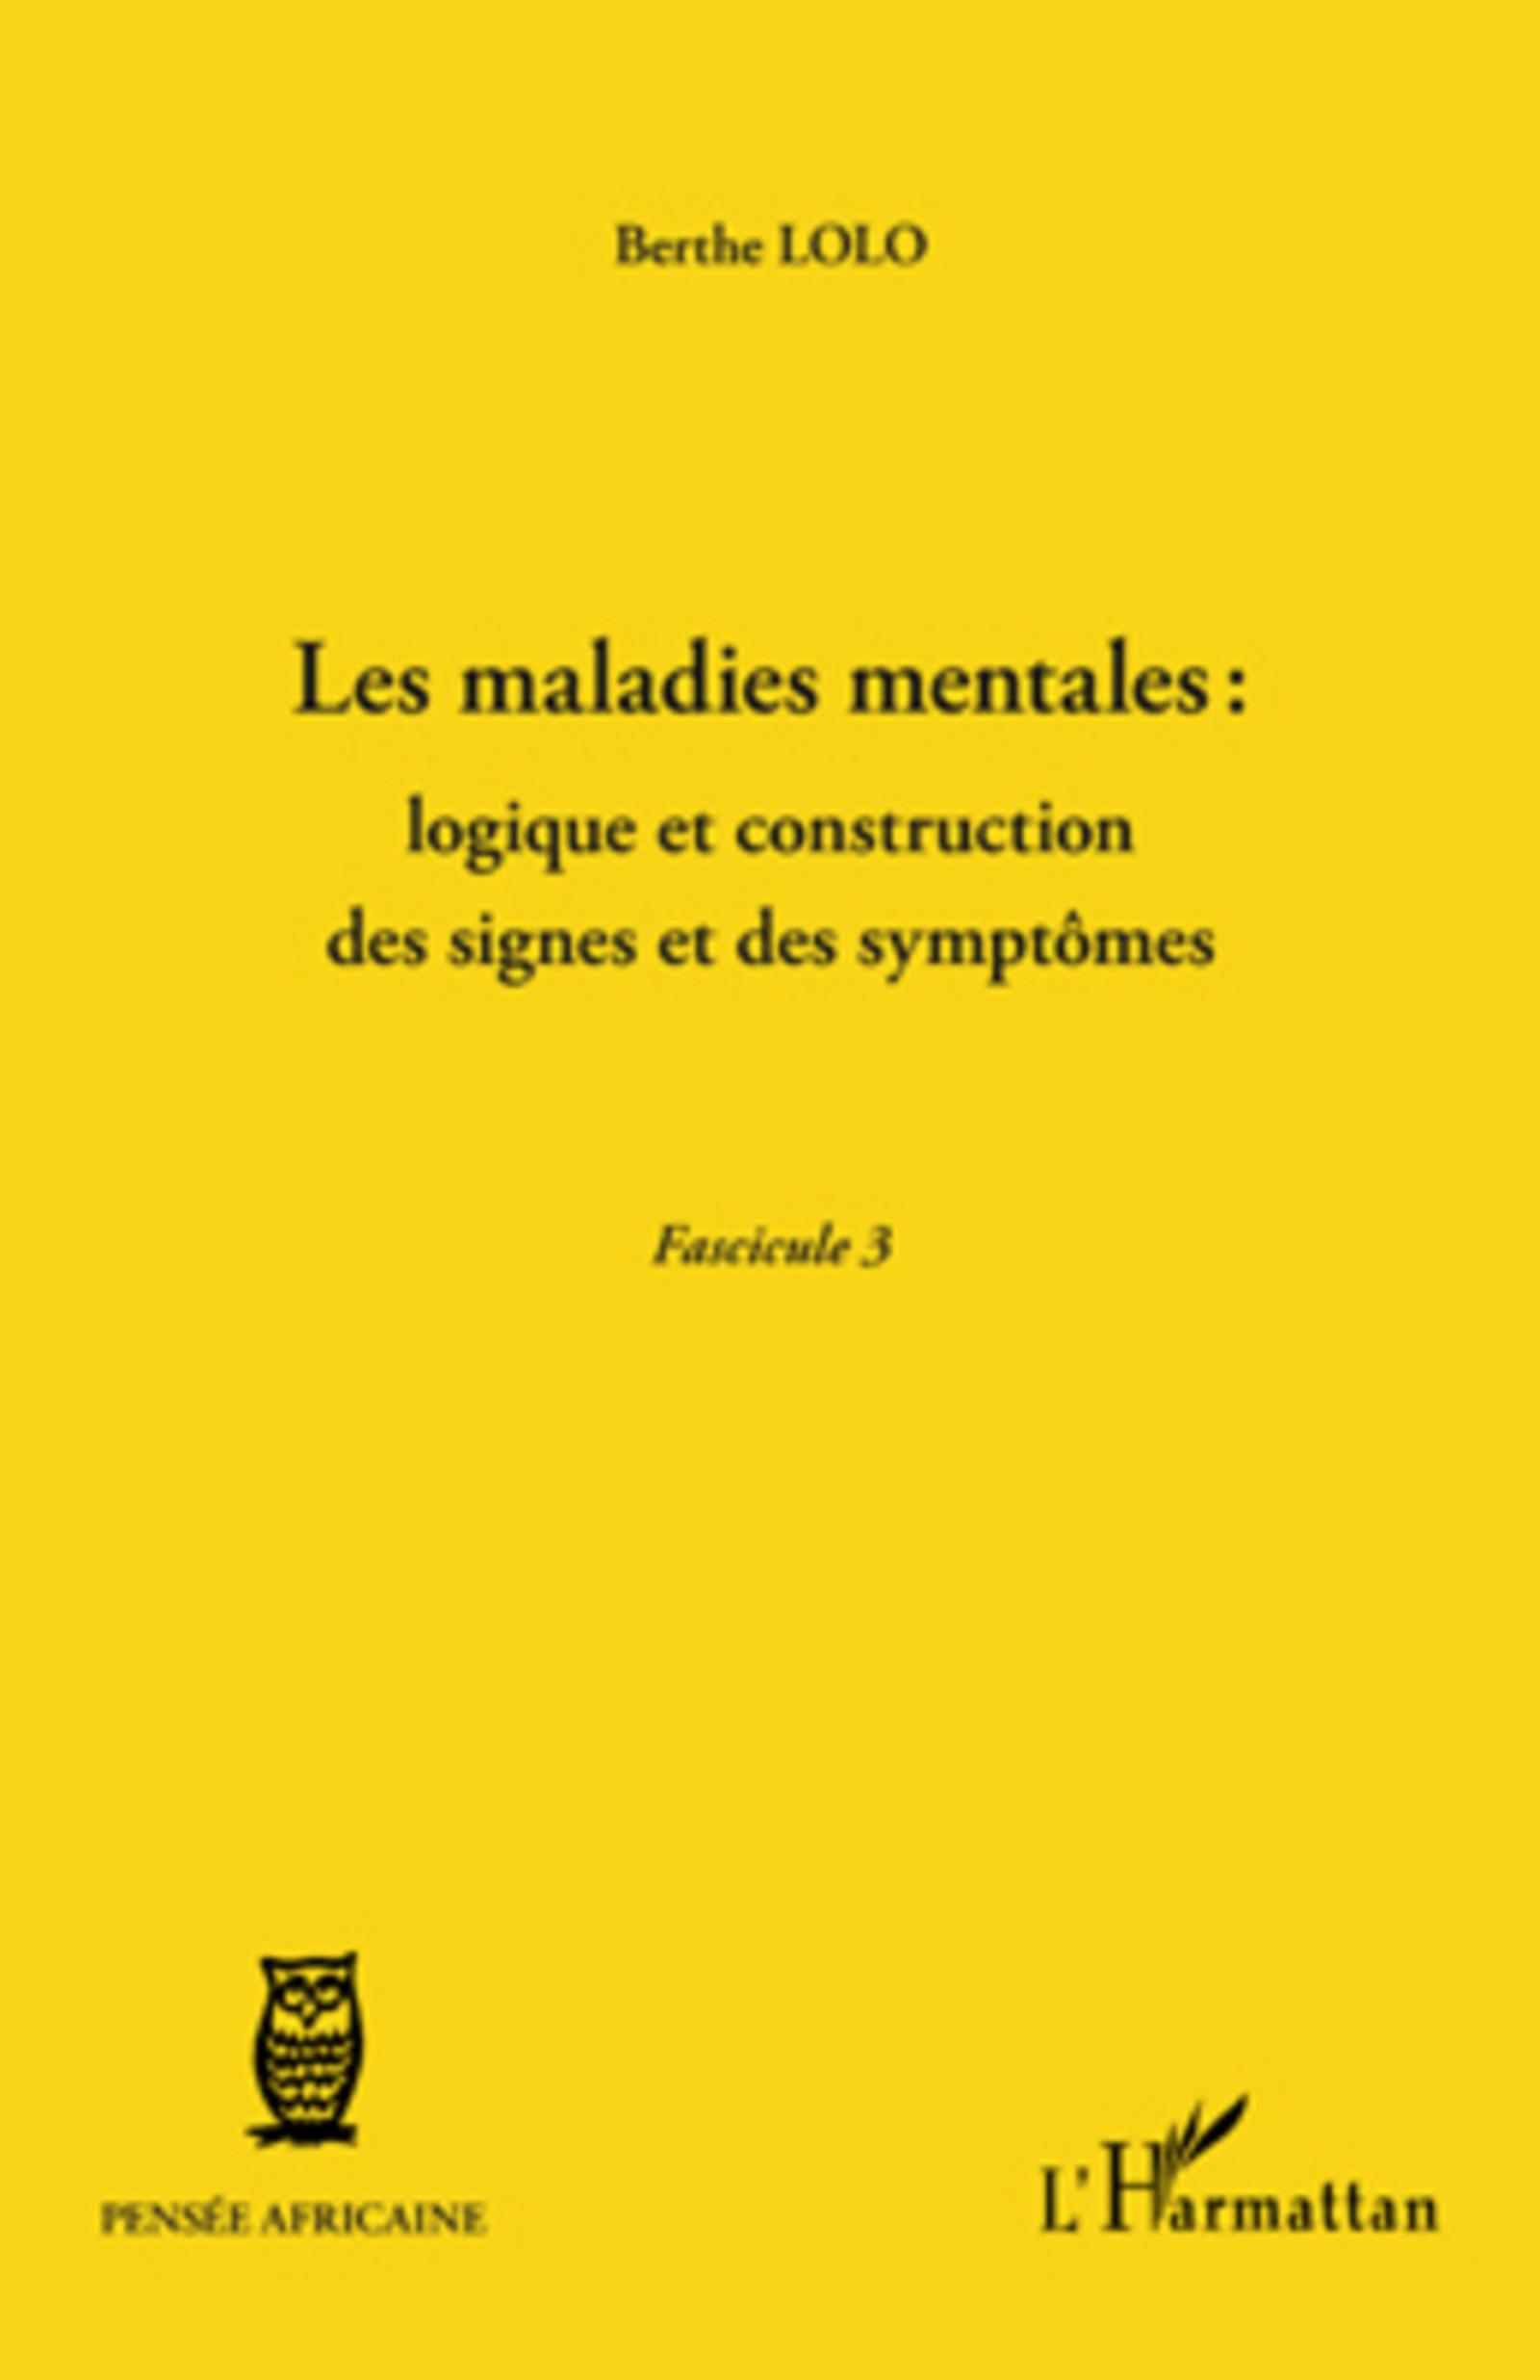 Les maladies mentales : logique et construction des signes et des symptômes